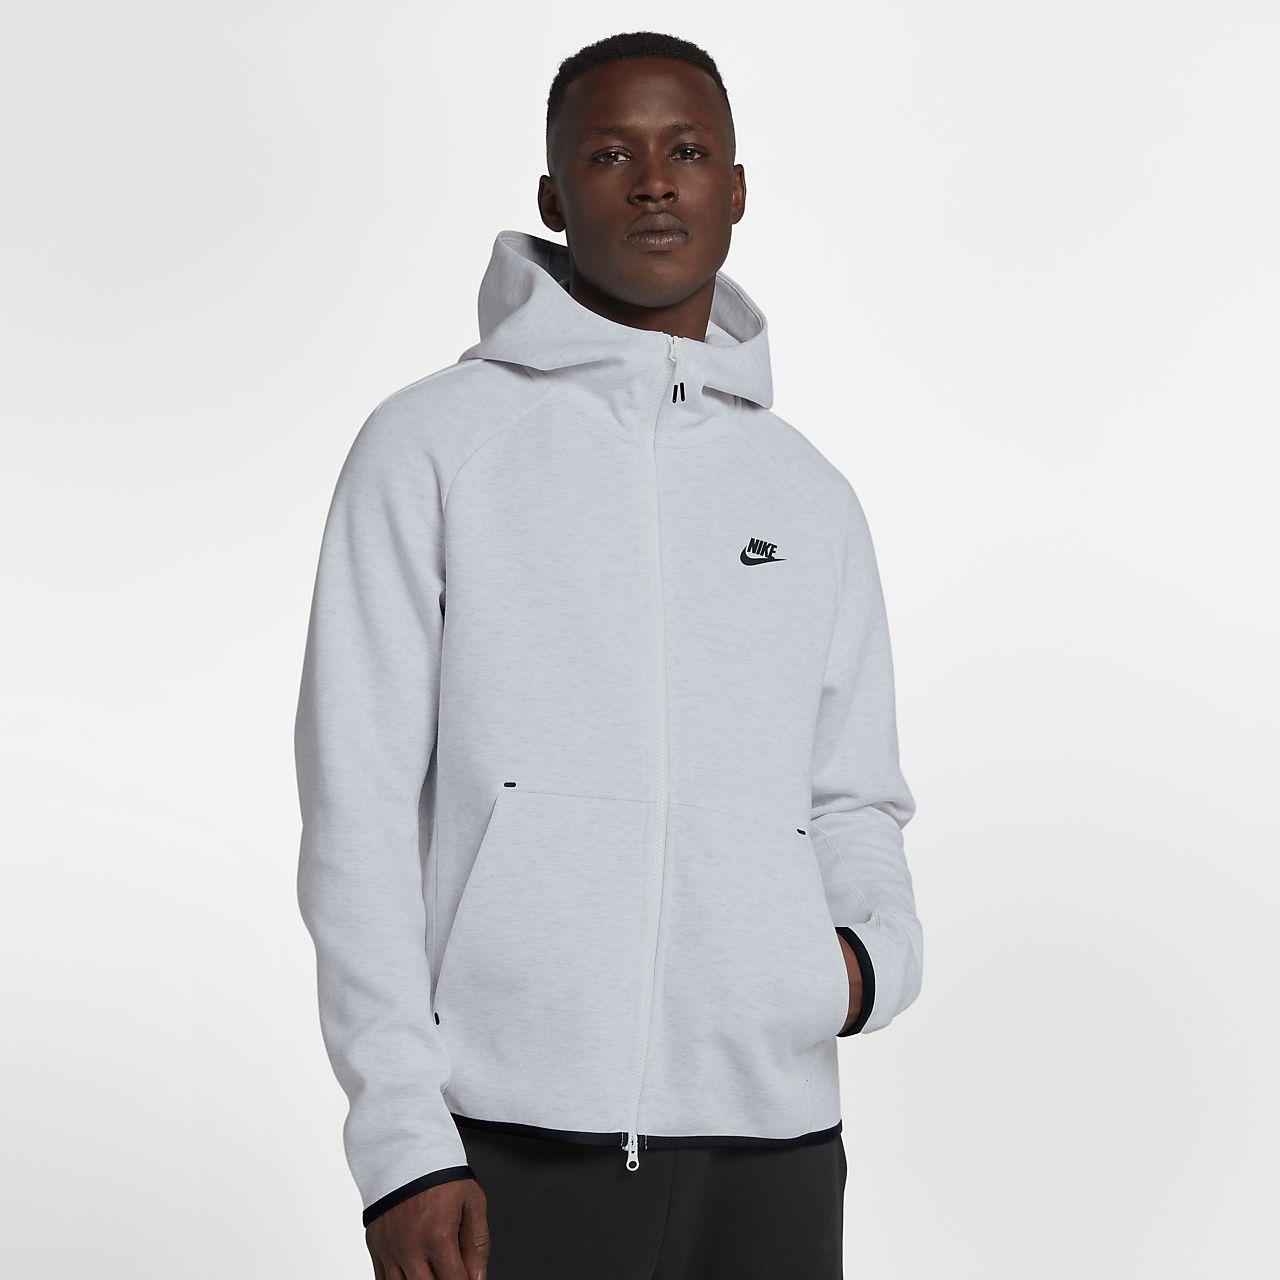 wholesale dealer c6e36 4fd92 Men s Full-Zip Hoodie. Nike Sportswear Tech Fleece